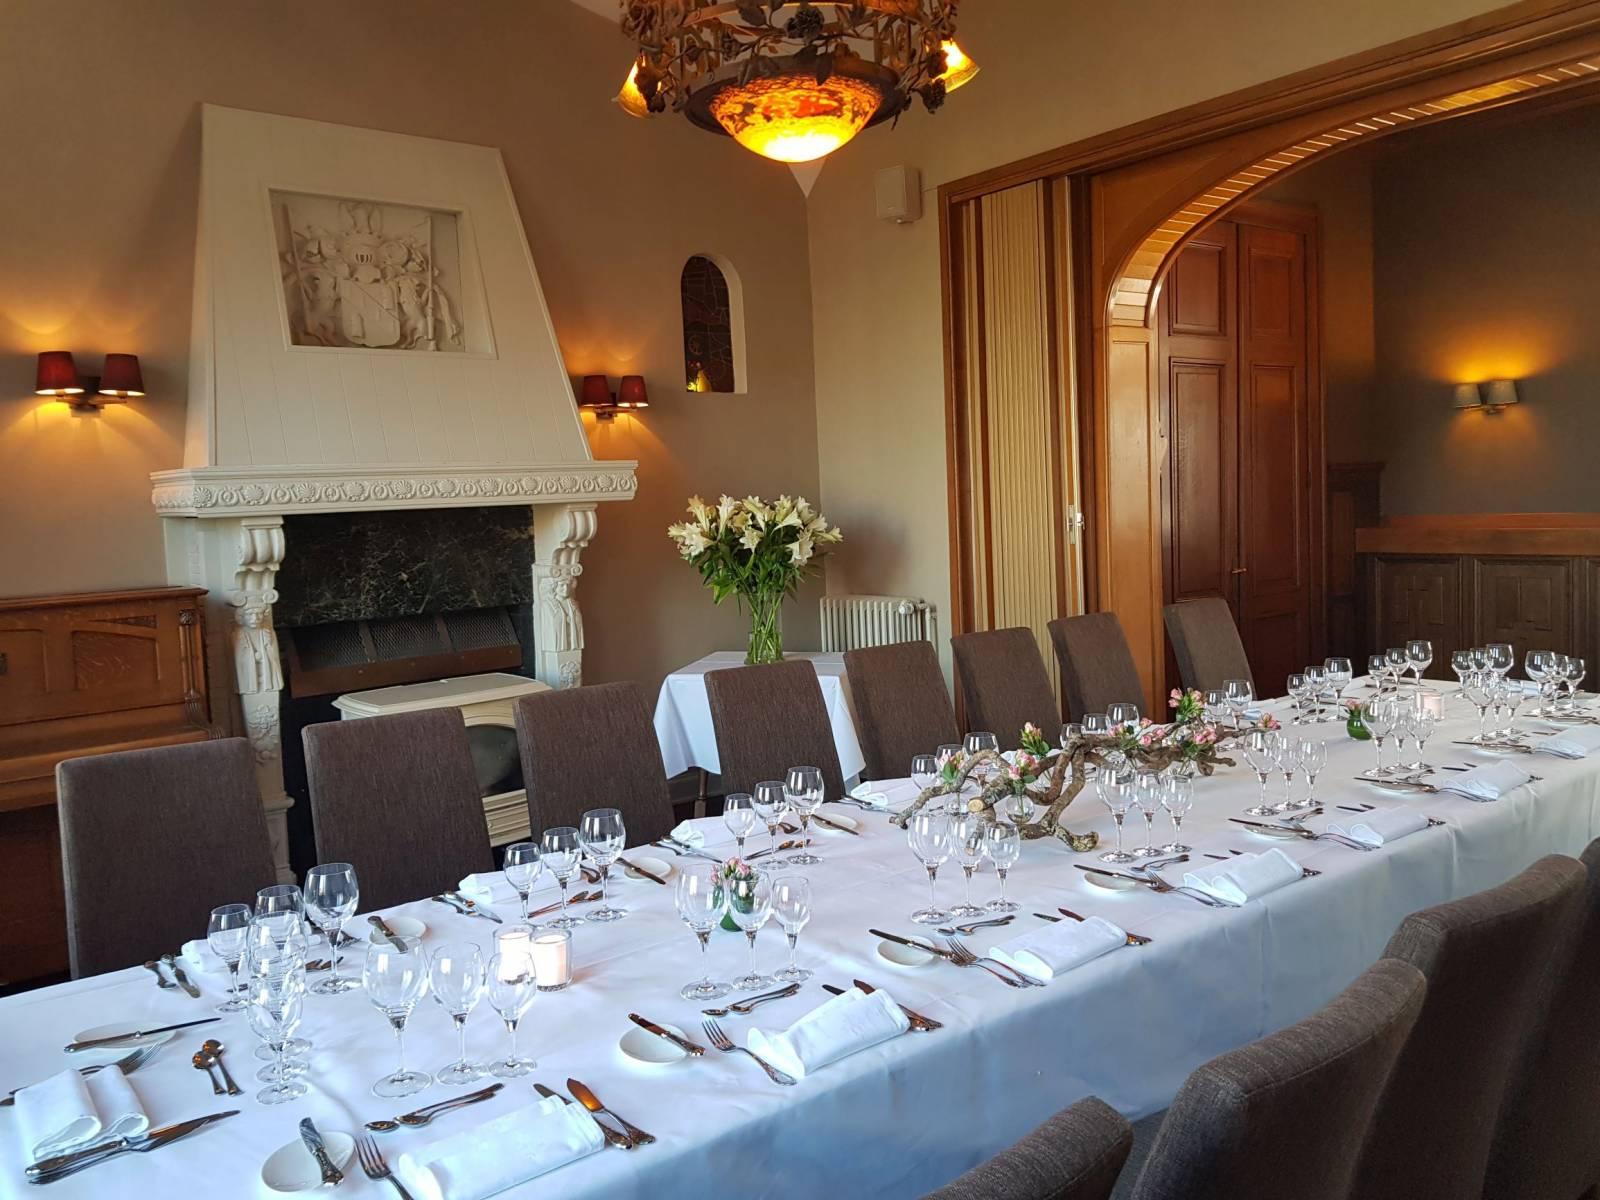 Kasteel van Moerkerke - House of Weddings - 1